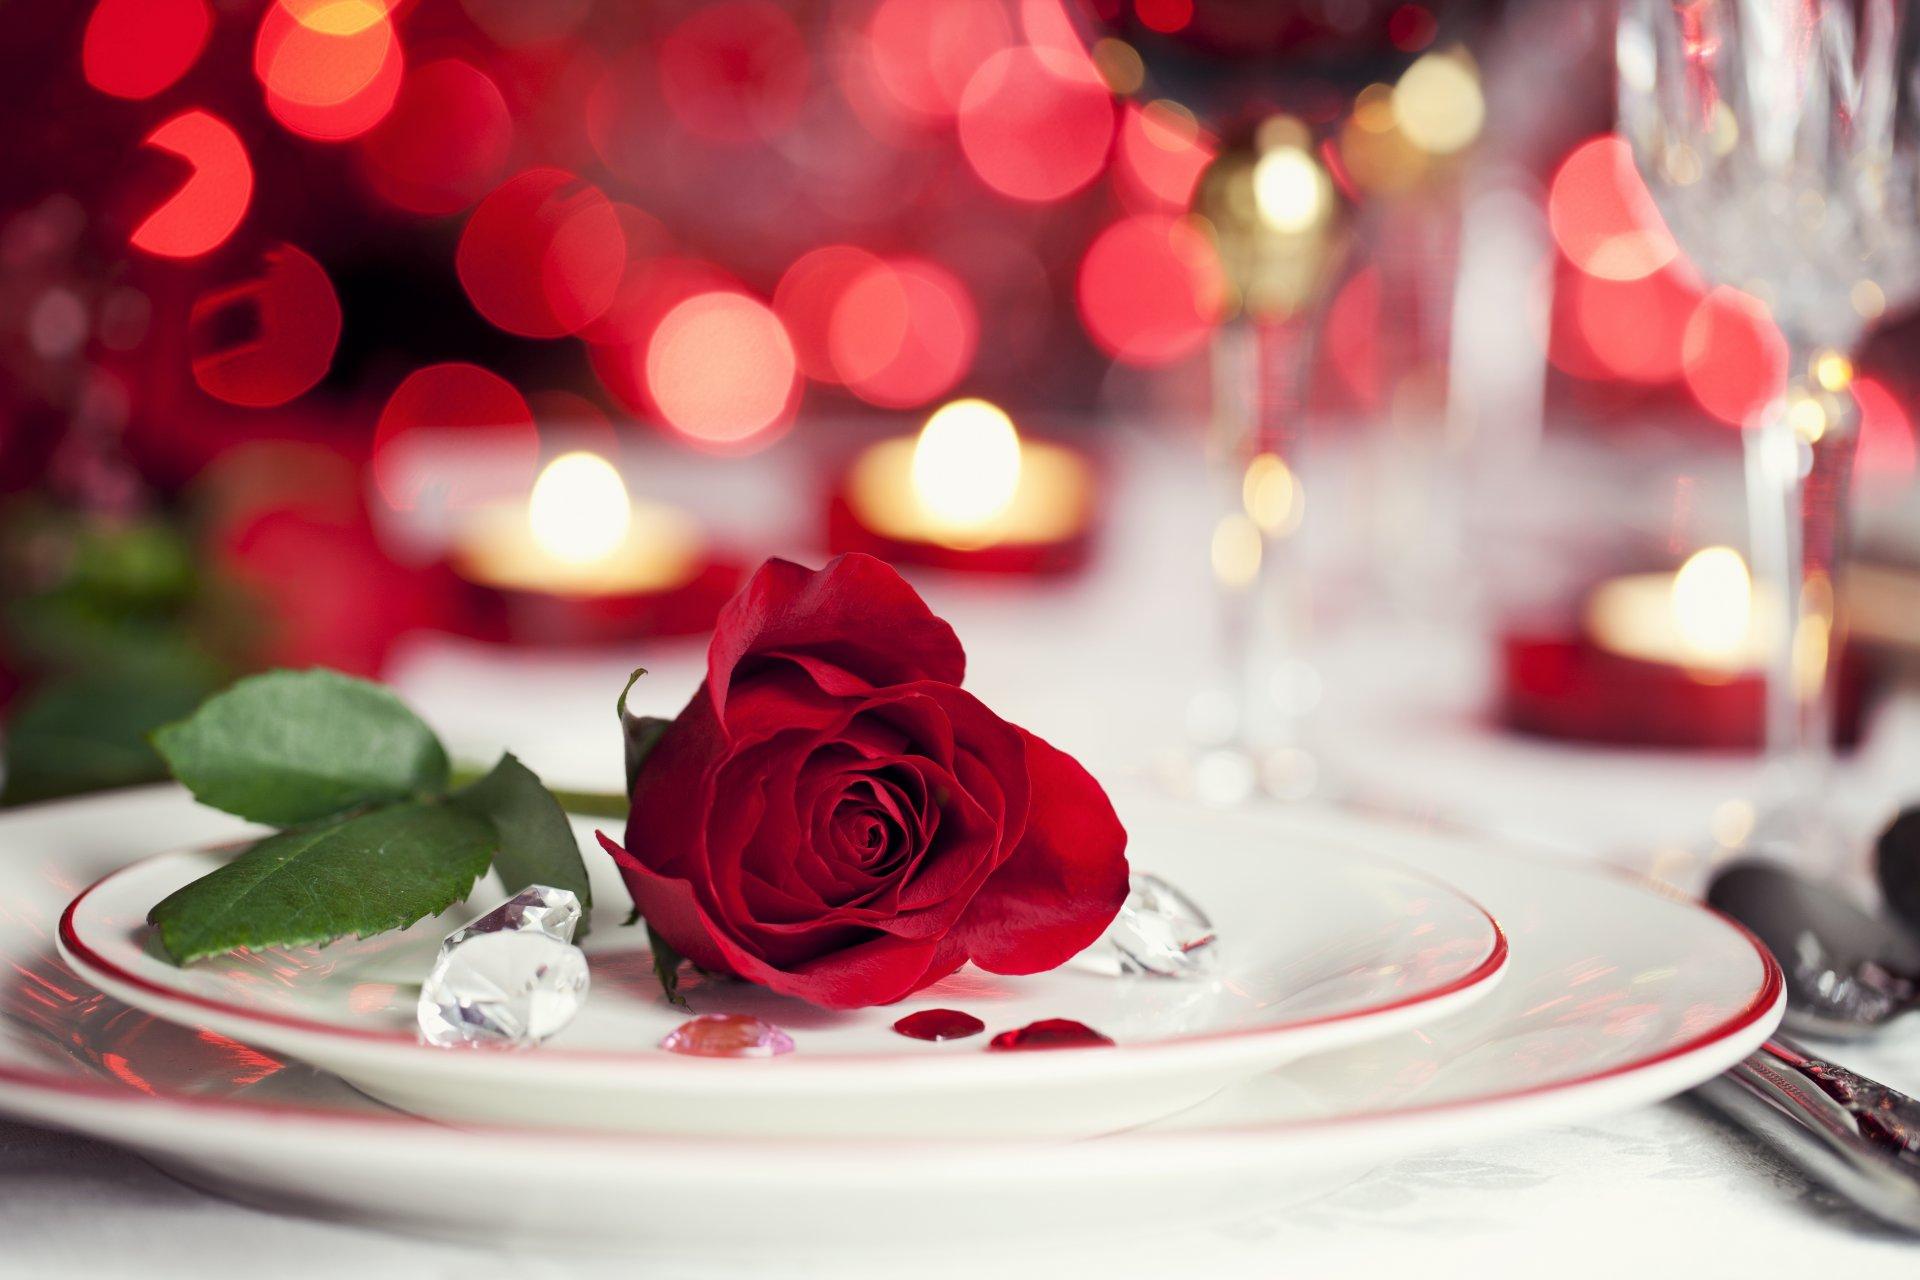 Романтичное поздравление с днем рождения любимой